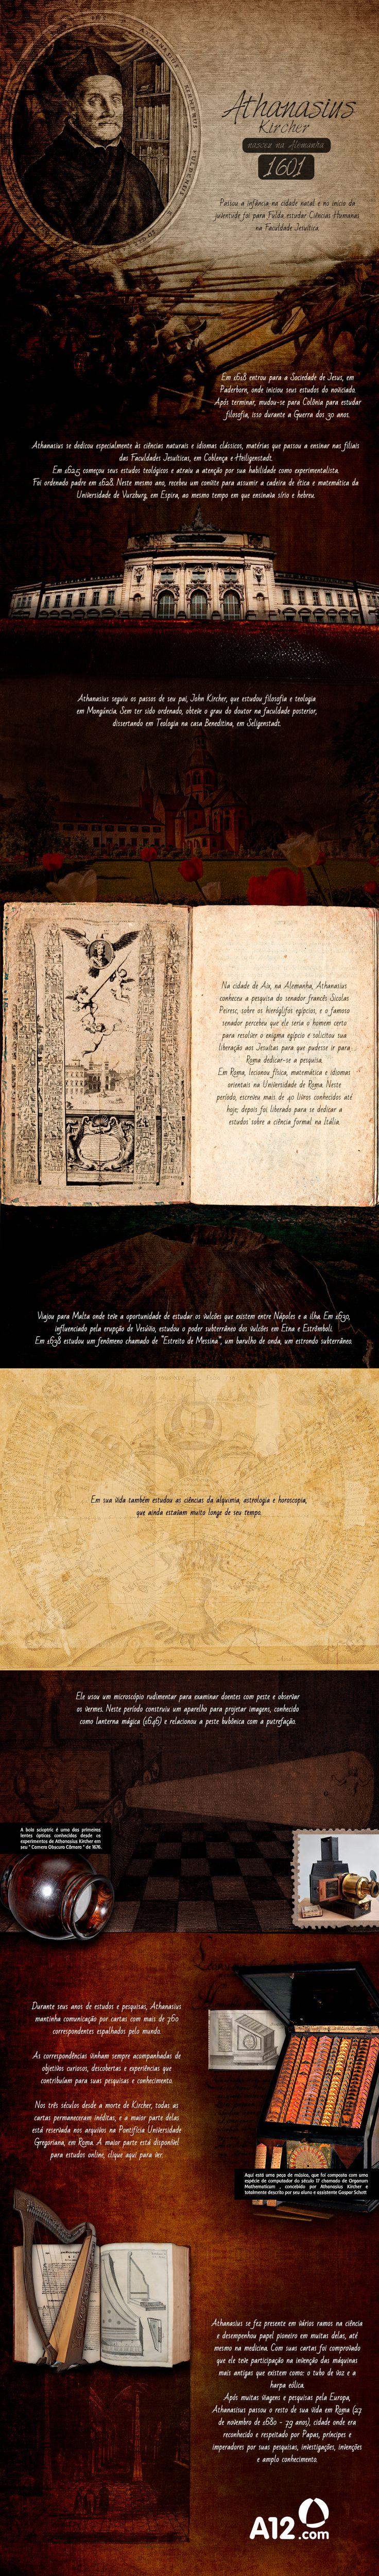 Padres Cientistas: Athanasius Kircher, conhecido por sua versatilidade de conhecimentos.  Nascido em Geisa, Alemanha, em 2 de maio de 1601, Athanasius Kircher passou a infância na cidade natal e no início da juventude foi para Fulda estudar Ciências Humanas na Faculdade Jesuítica